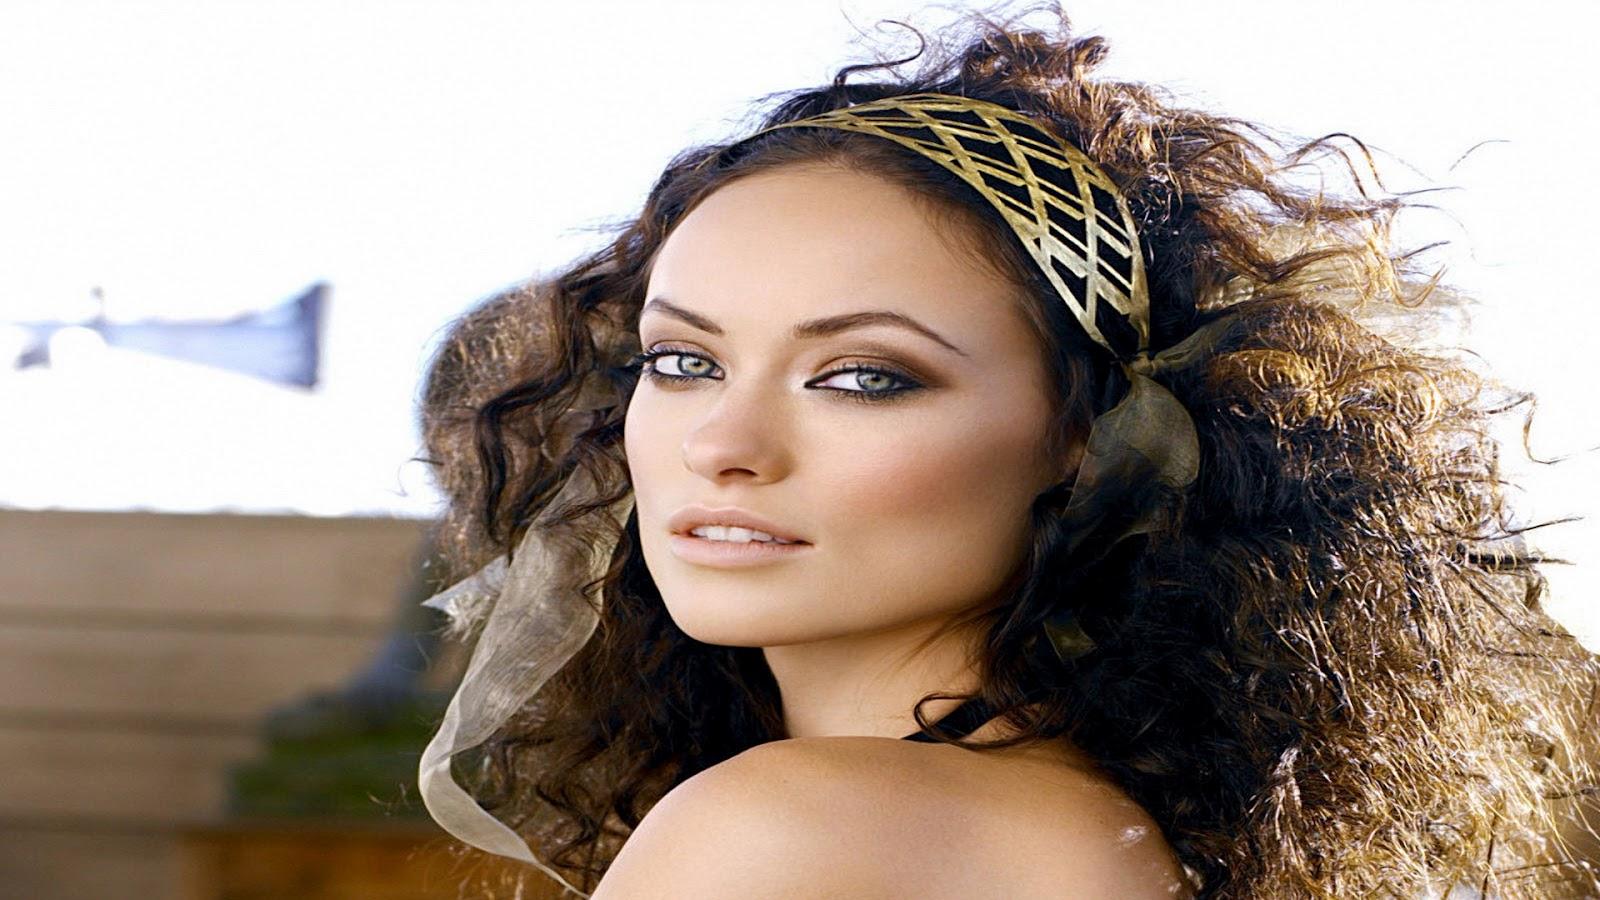 http://2.bp.blogspot.com/-EgBM9Bf1U8E/UB-RAh6Y78I/AAAAAAAALOI/EfDvHyCaZ7I/s1600/Olivia-Wilde-Wallpapers-20.jpg